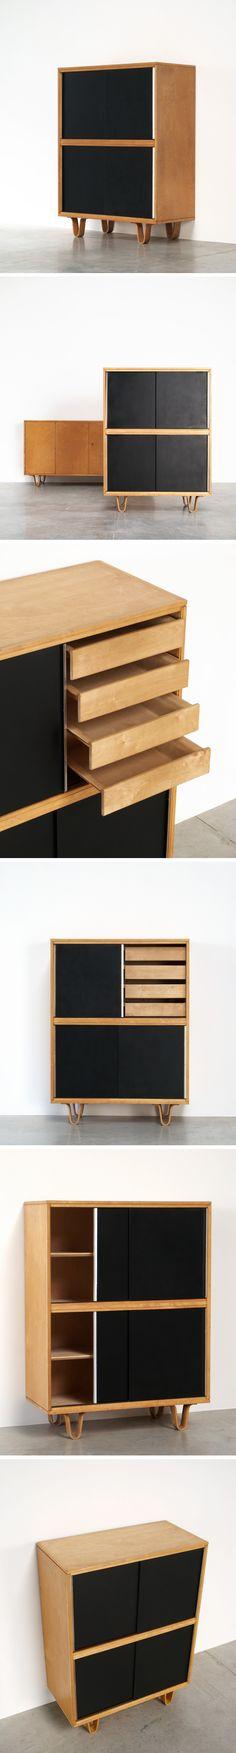 Cees Braakman CB52 cabinet Combex series